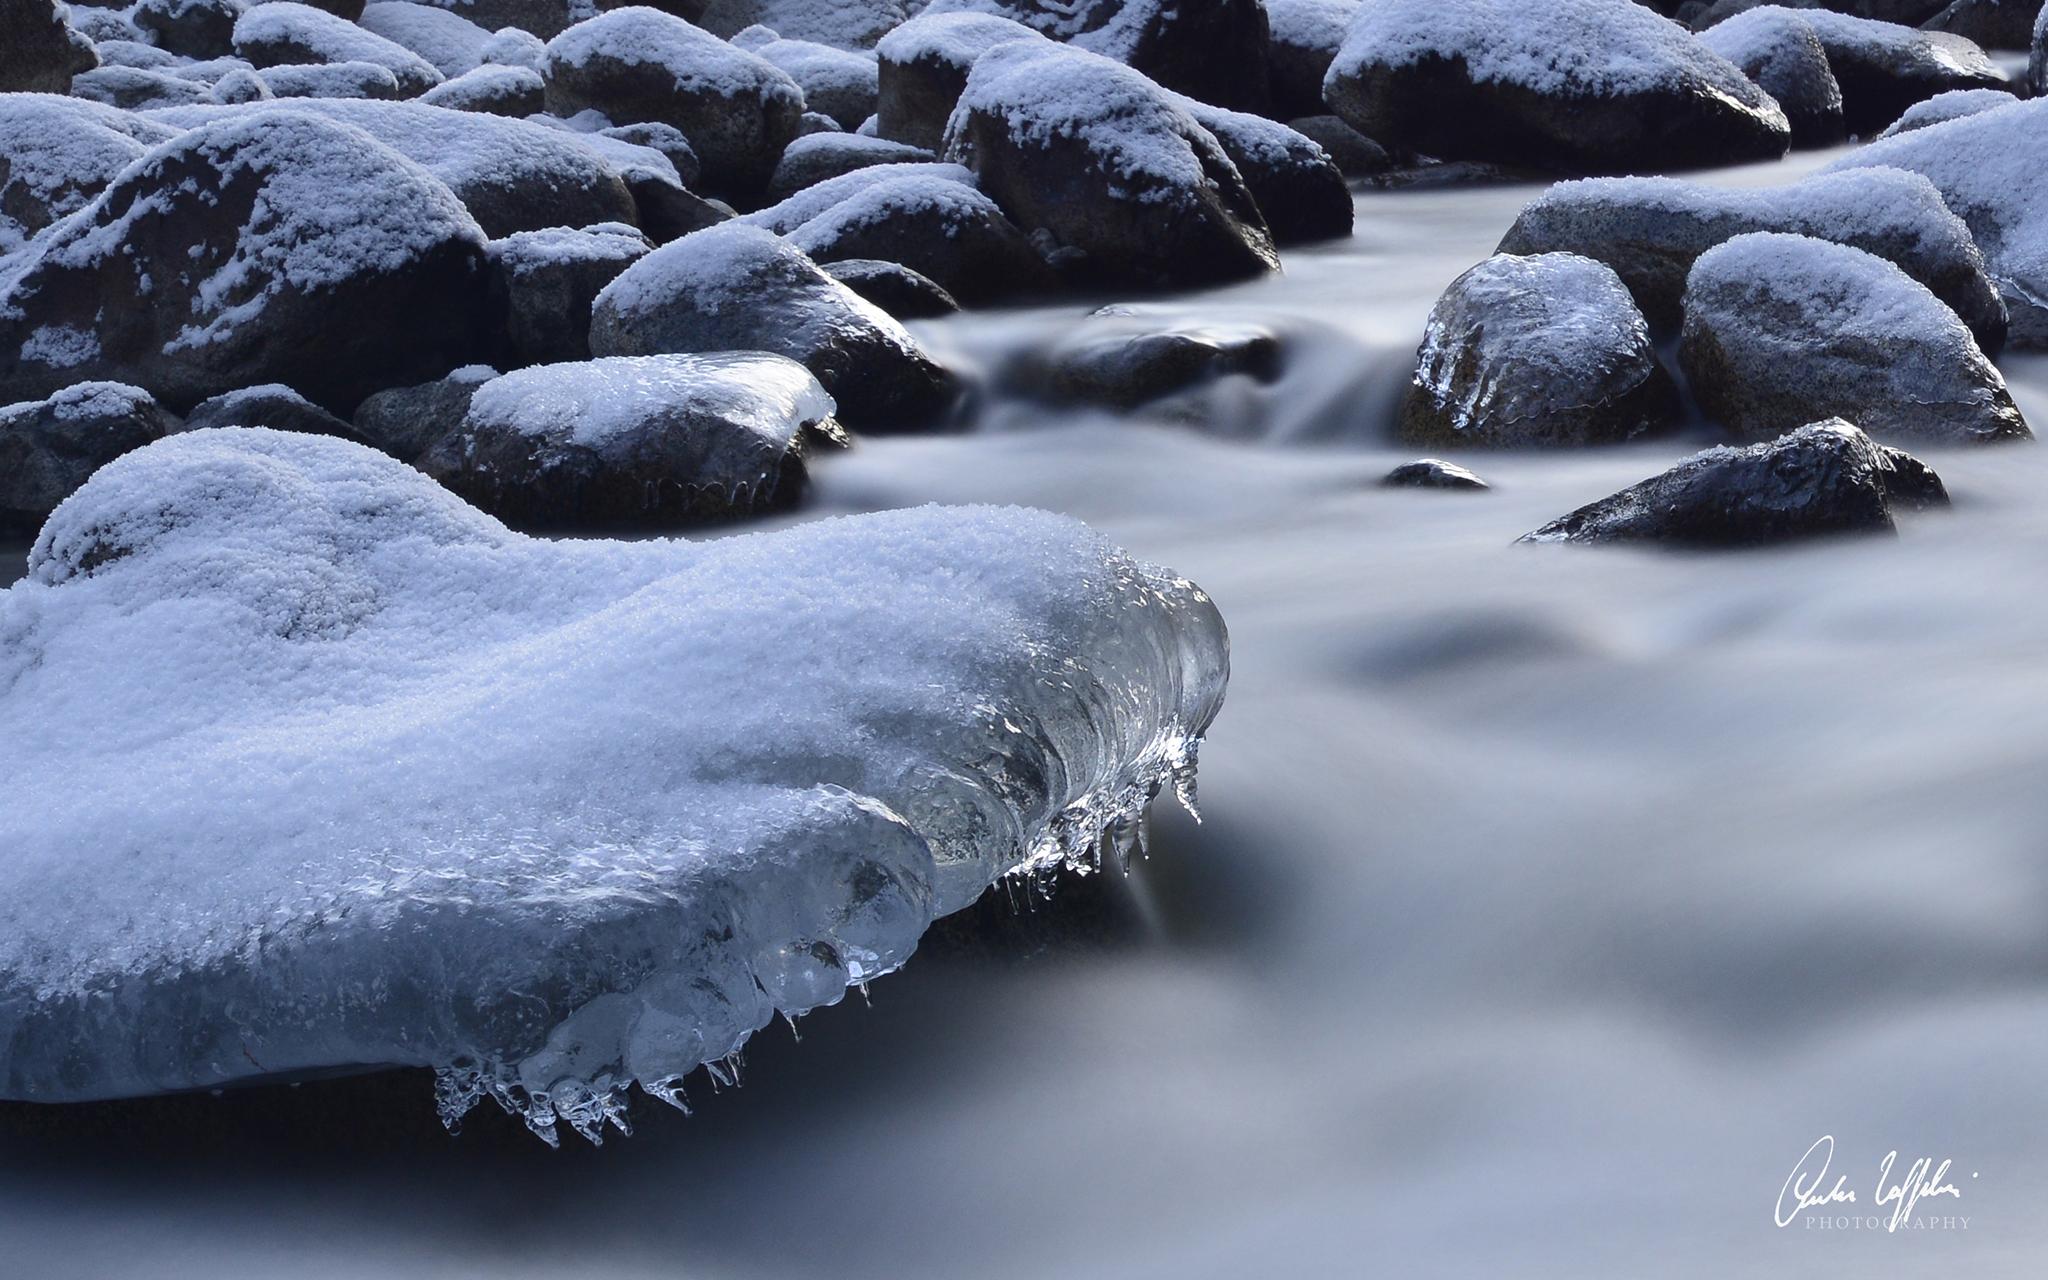 Disgelo...